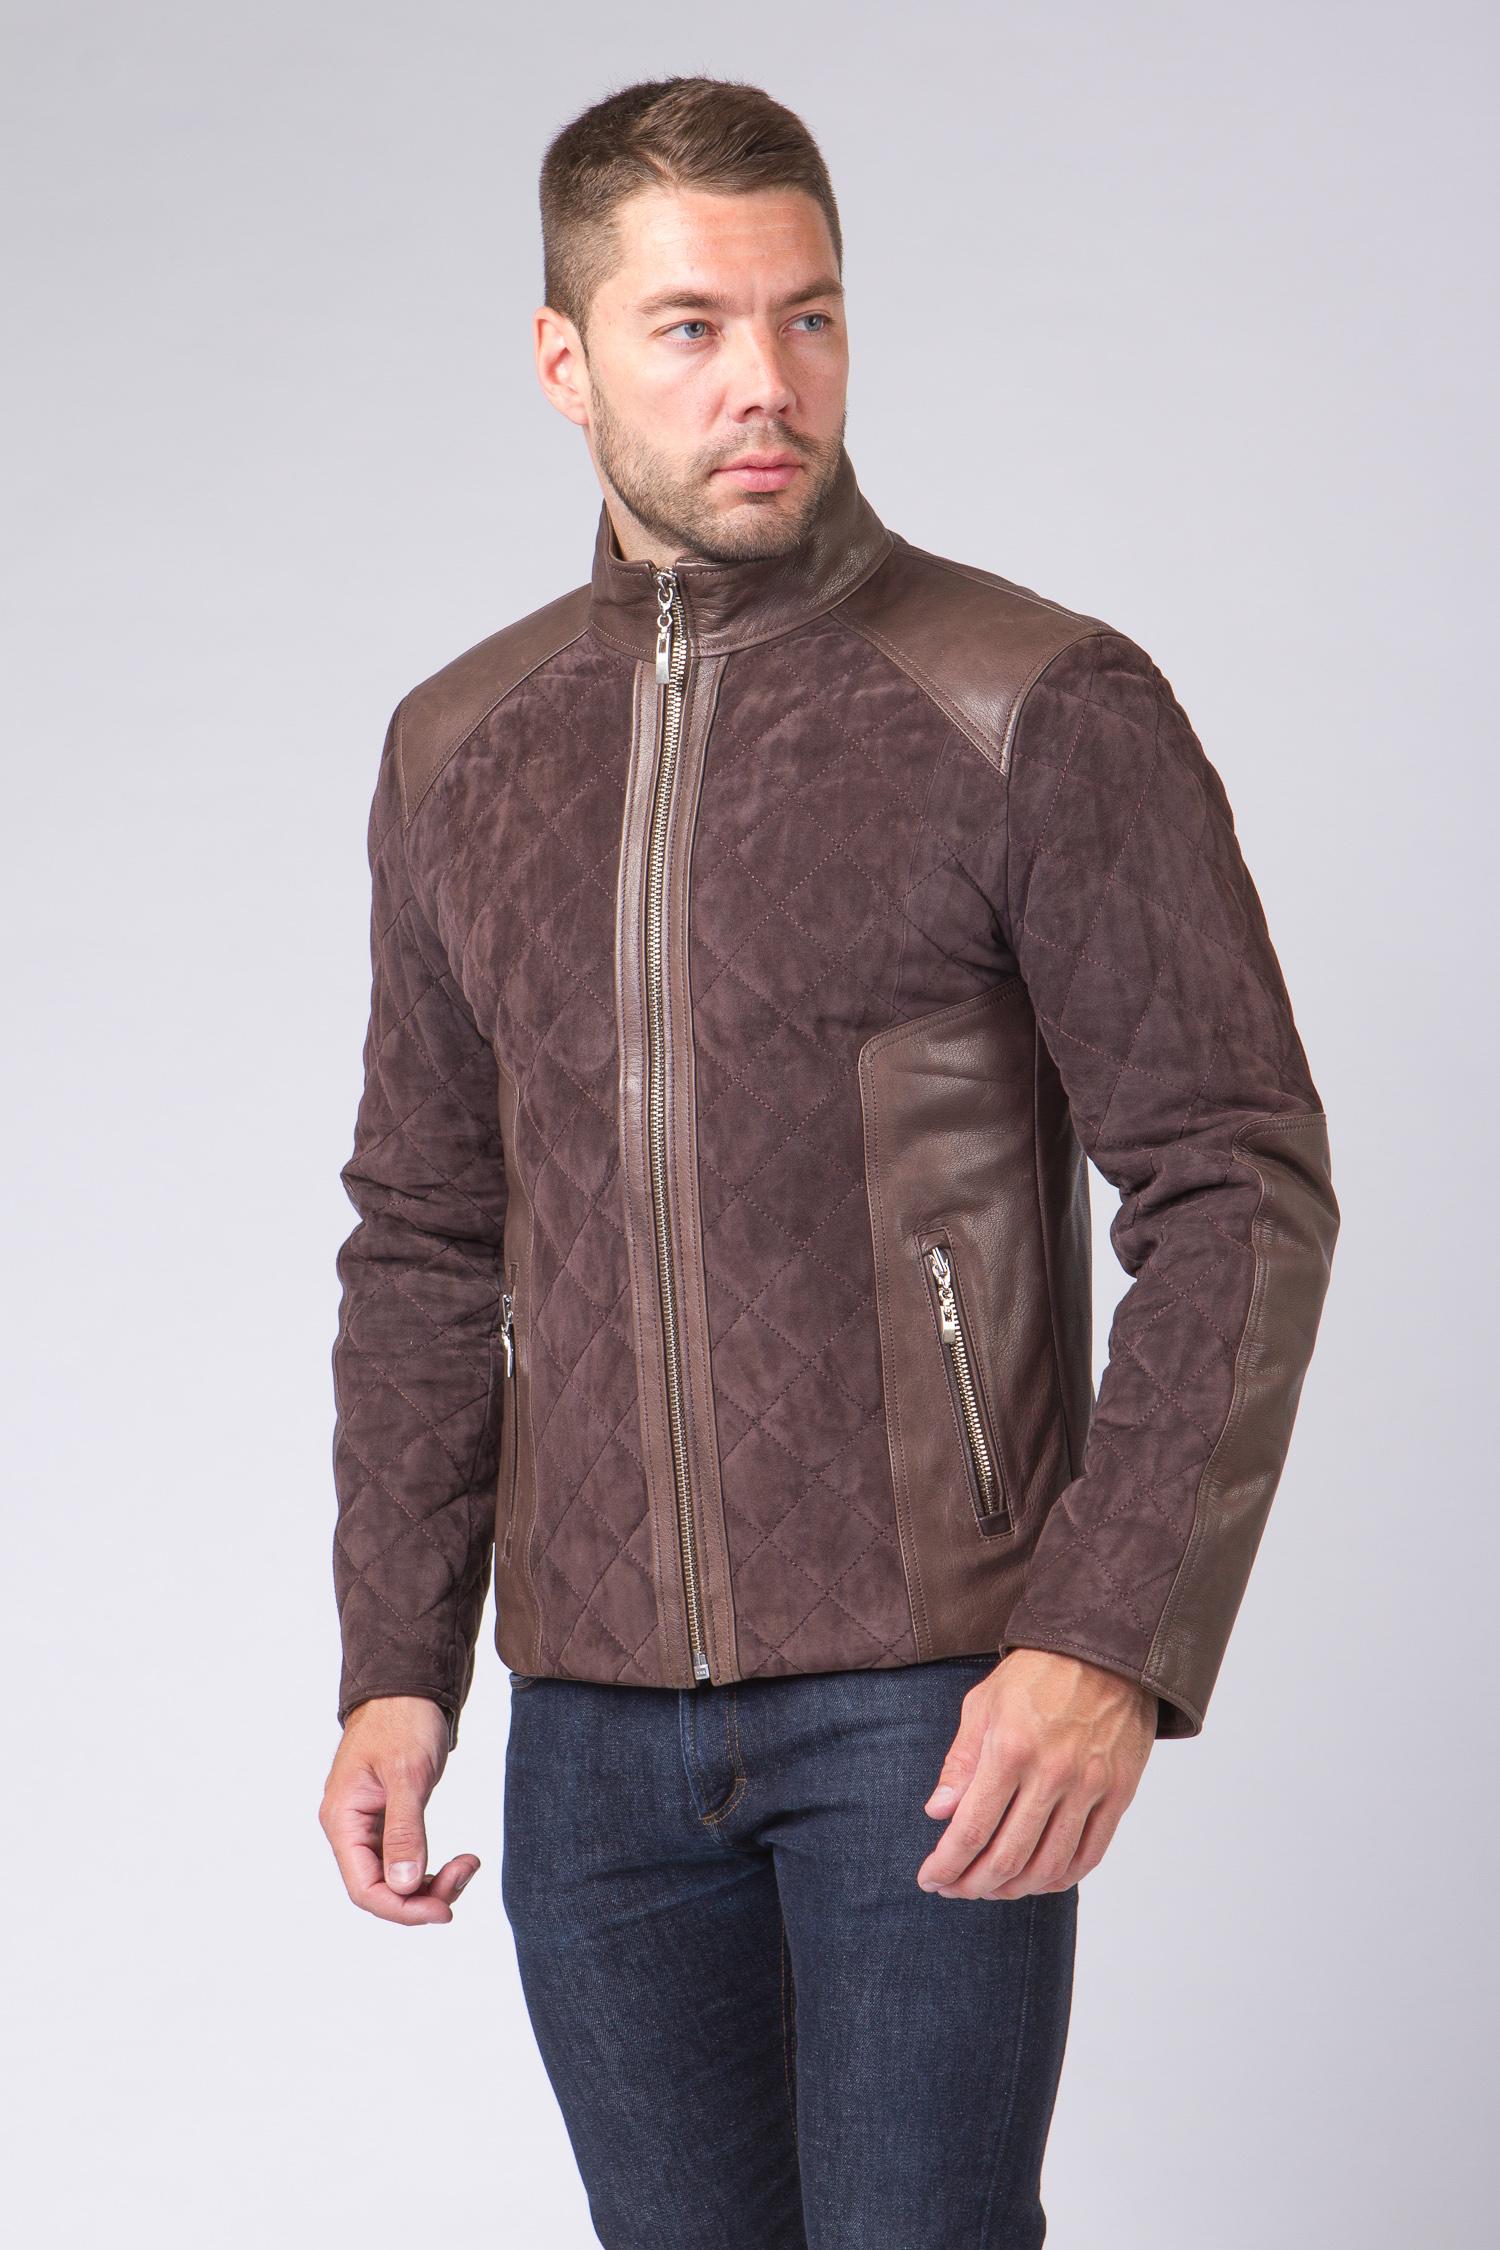 Мужская кожаная куртка из натуральной кожи с воротником, без отделки<br><br>Воротник: стойка<br>Длина см: Короткая (51-74 )<br>Материал: Замша<br>Цвет: коричневый<br>Вид застежки: центральная<br>Застежка: на молнии<br>Пол: Мужской<br>Размер RU: 60